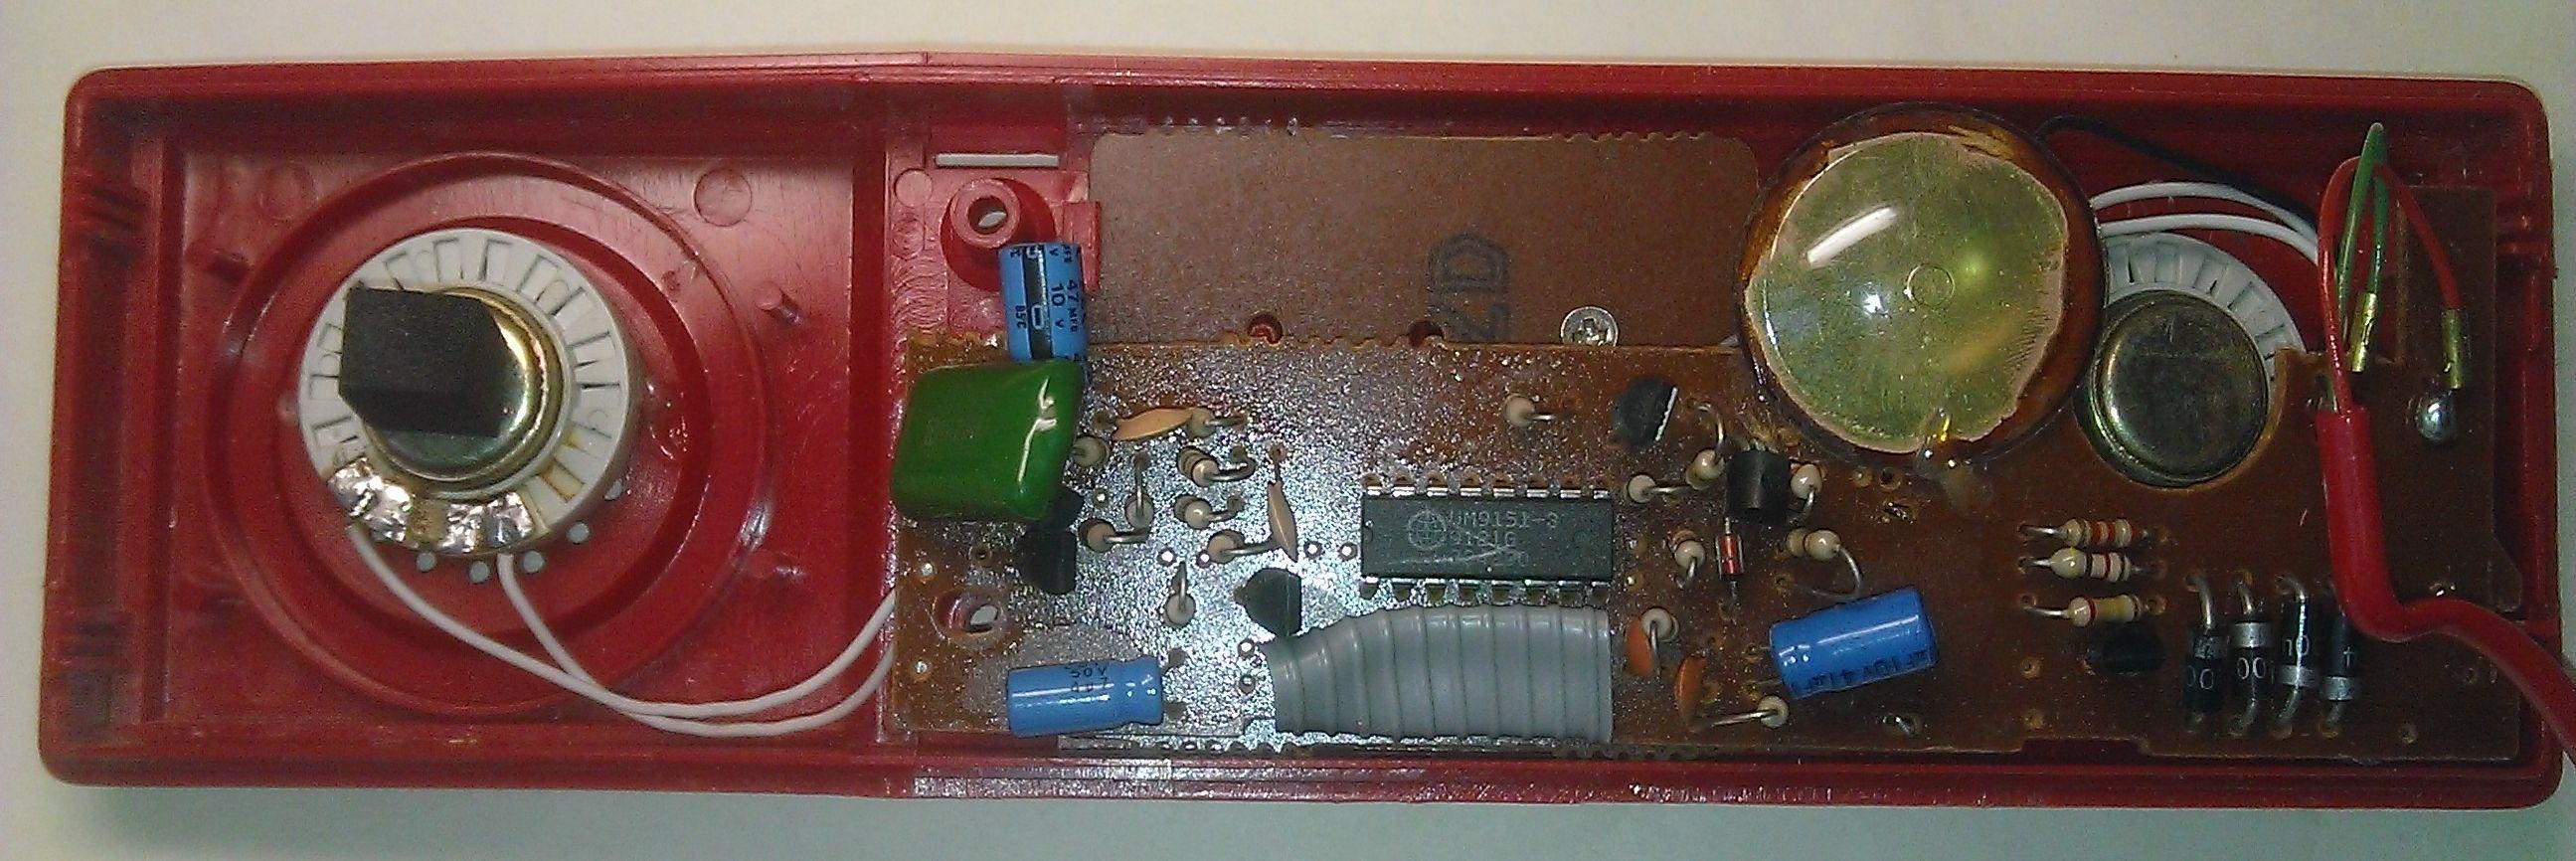 Телефон-трубка со снятой крышкой